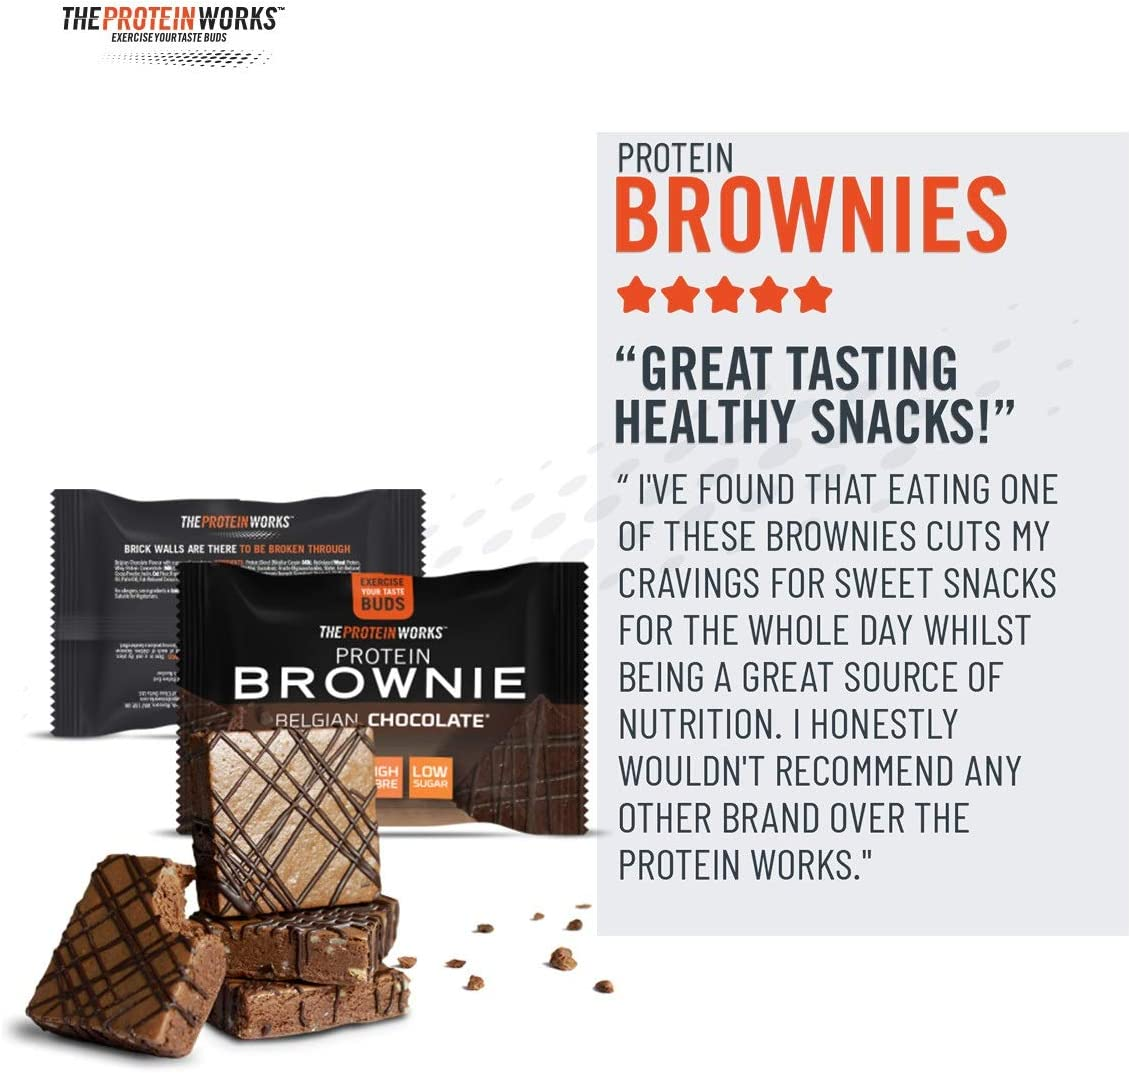 THE PROTEIN WORKS Brownies Proteicos   Alto En Proteínas, Snack Bajo En Azúcar   Alto En Figra      , Galleta MillionaireS - Chocolate Y Caramelo, 12 ...